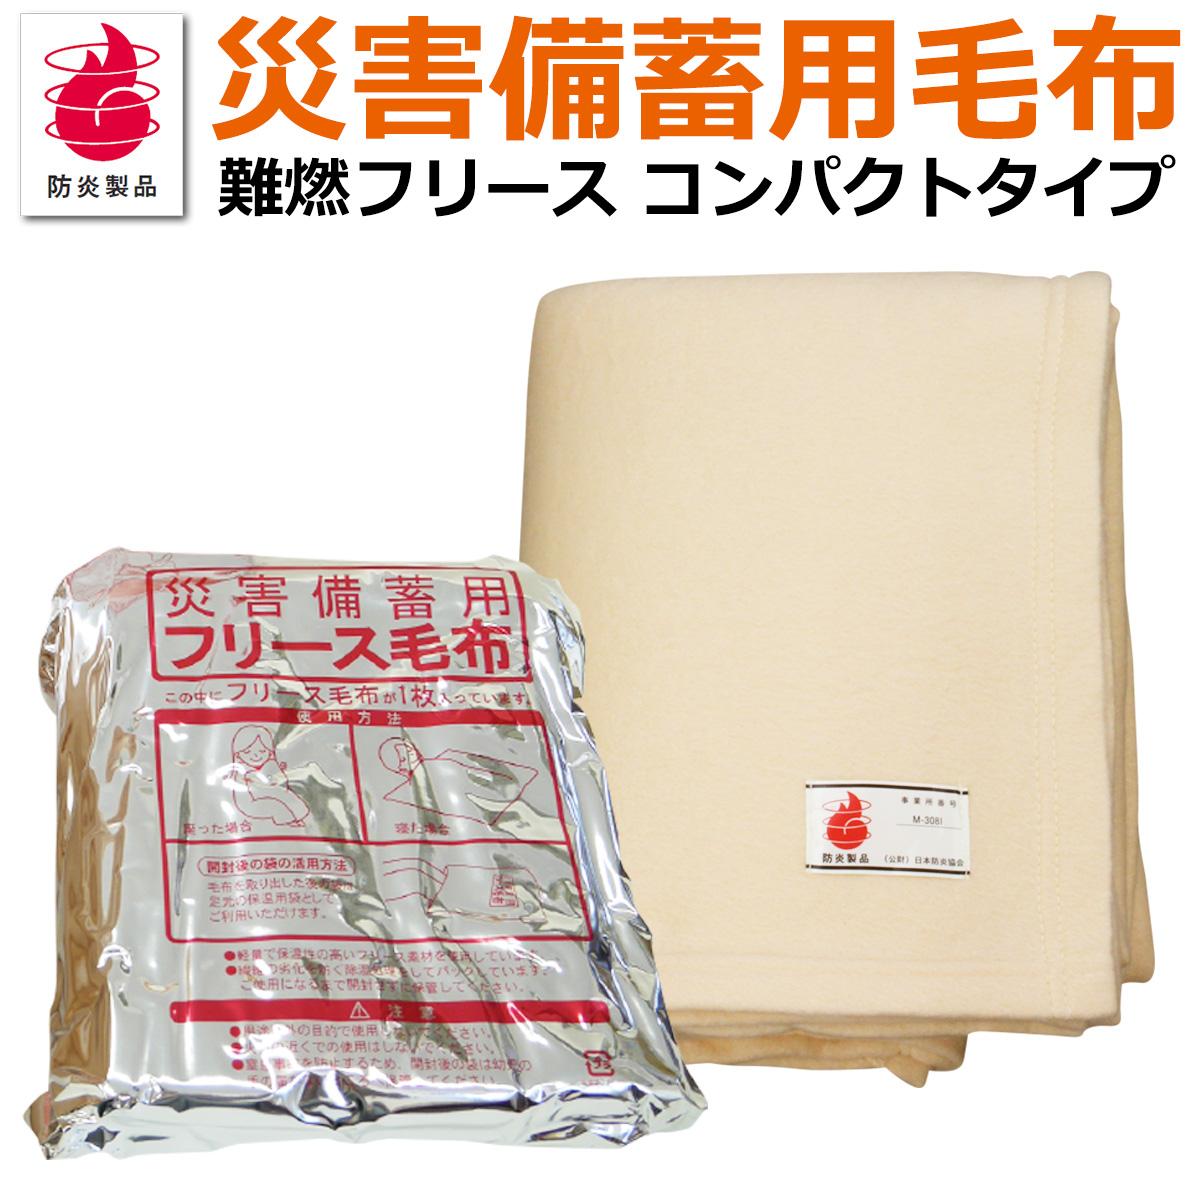 災害備蓄用毛布 非常時にちゃんと使える除湿&いたわり加工 難燃フリース「コンパクト」タイプ